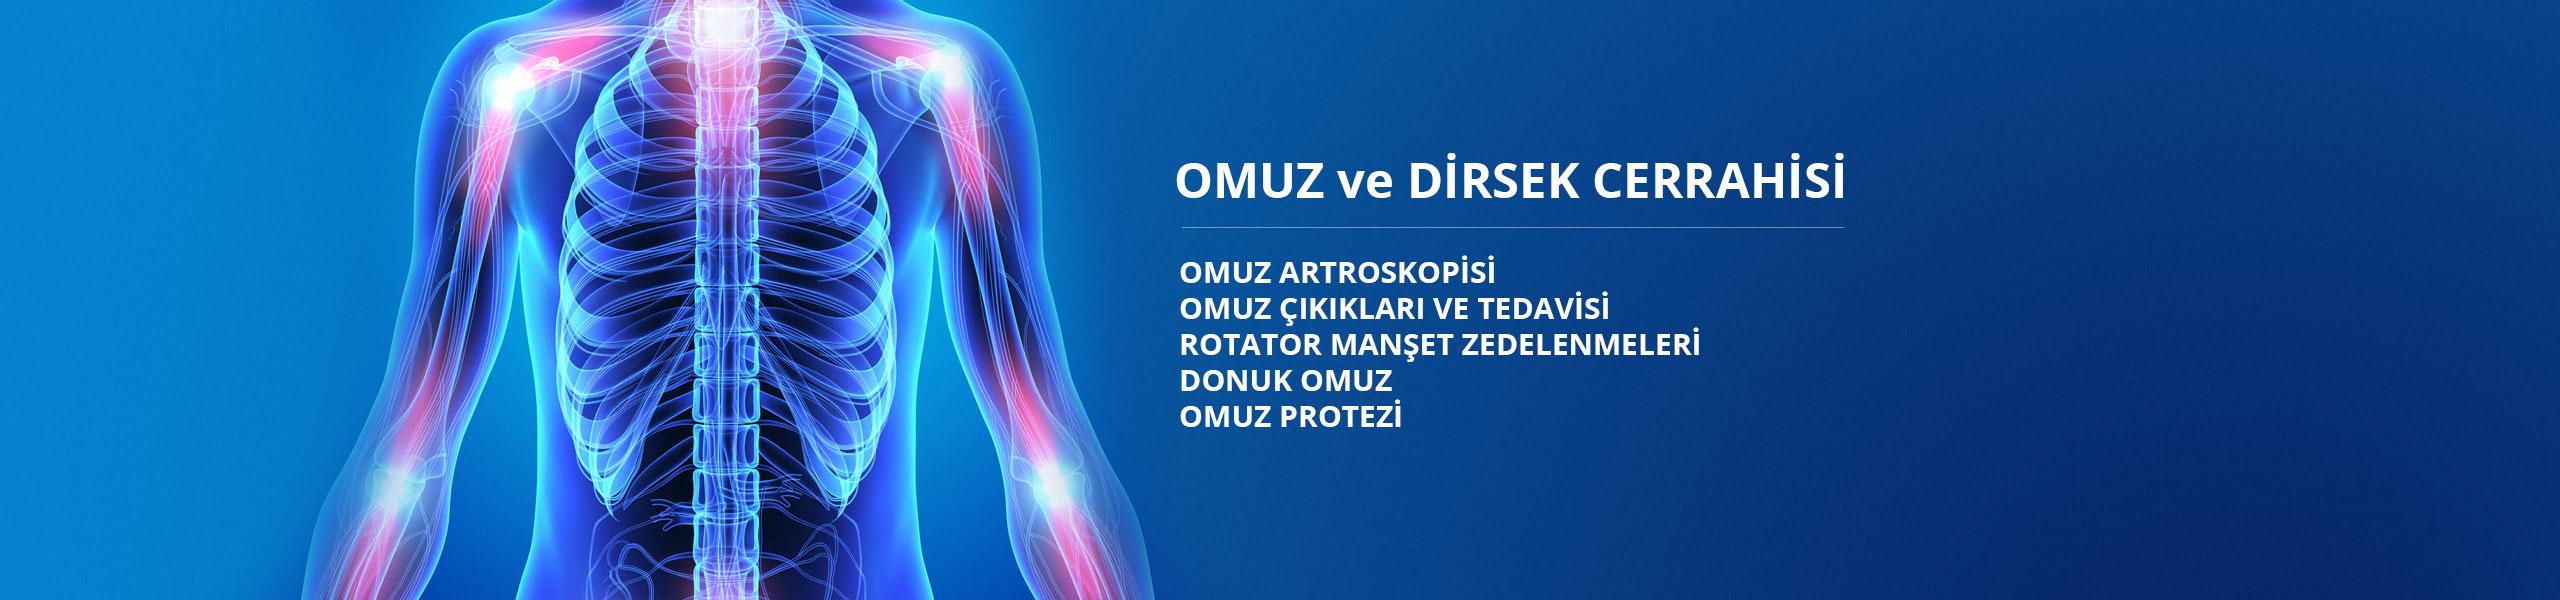 Omuz ve Dirsek Cerrahisi - Prof. Dr. Şenol Akman